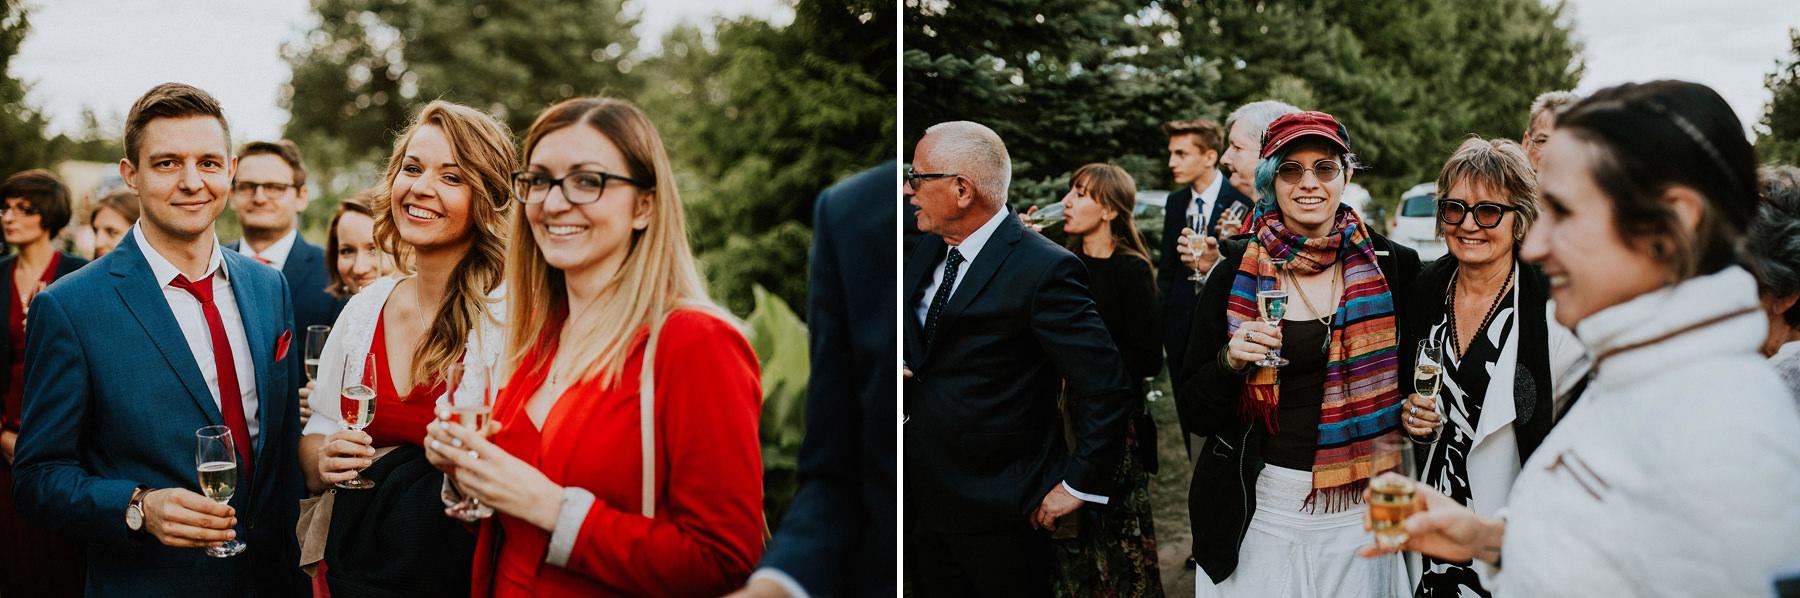 068 Kaszuby Francuski Polish French Wedding Slub Plenerowy Fotograf